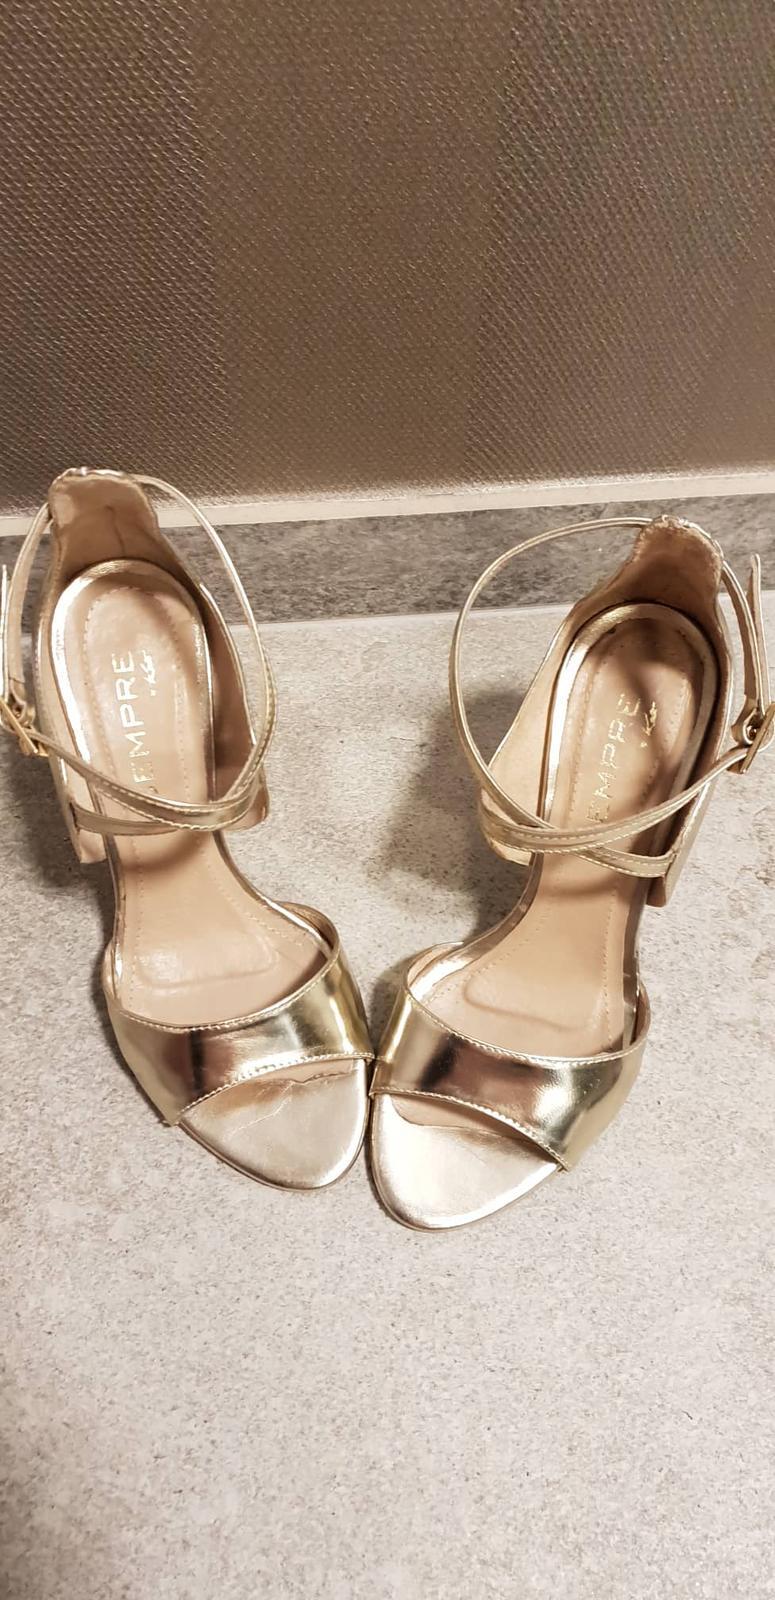 49f5d62381 Svadobné topánky sempre shoes